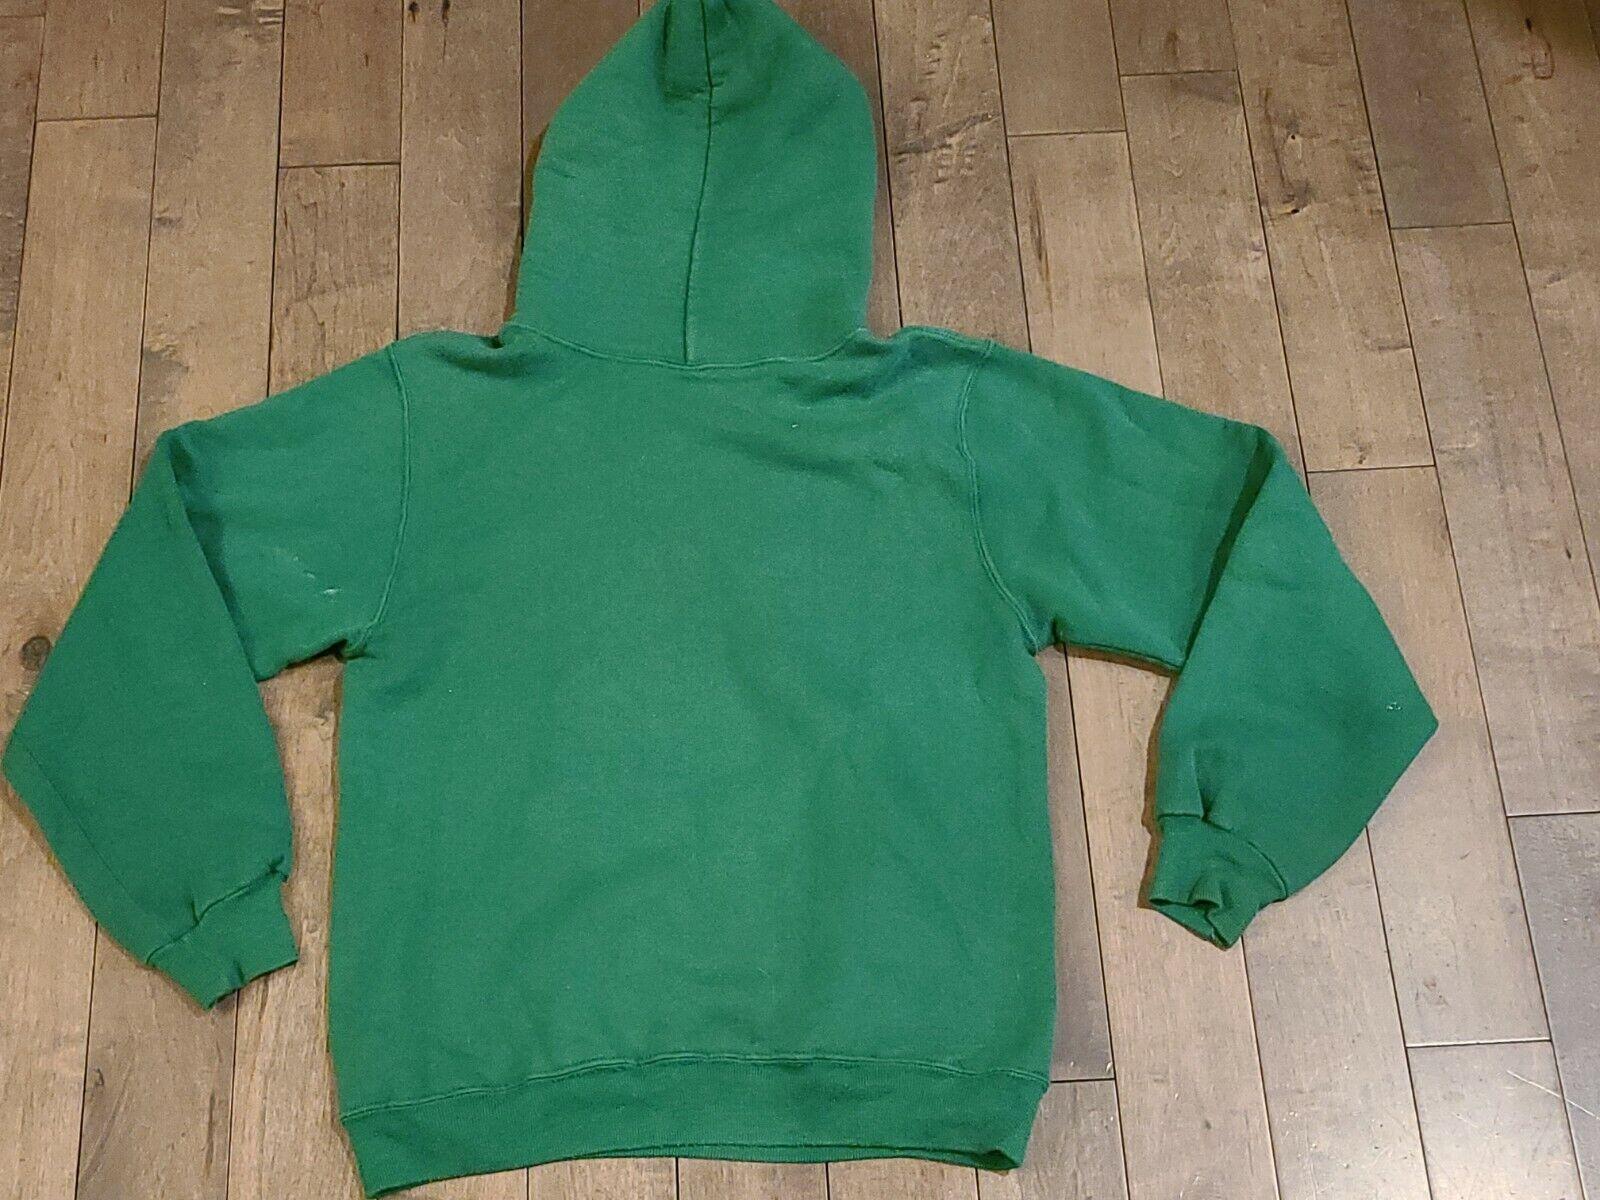 Vintage  Russell Athletic Hoodie Sweatshirt 1970s  - image 2